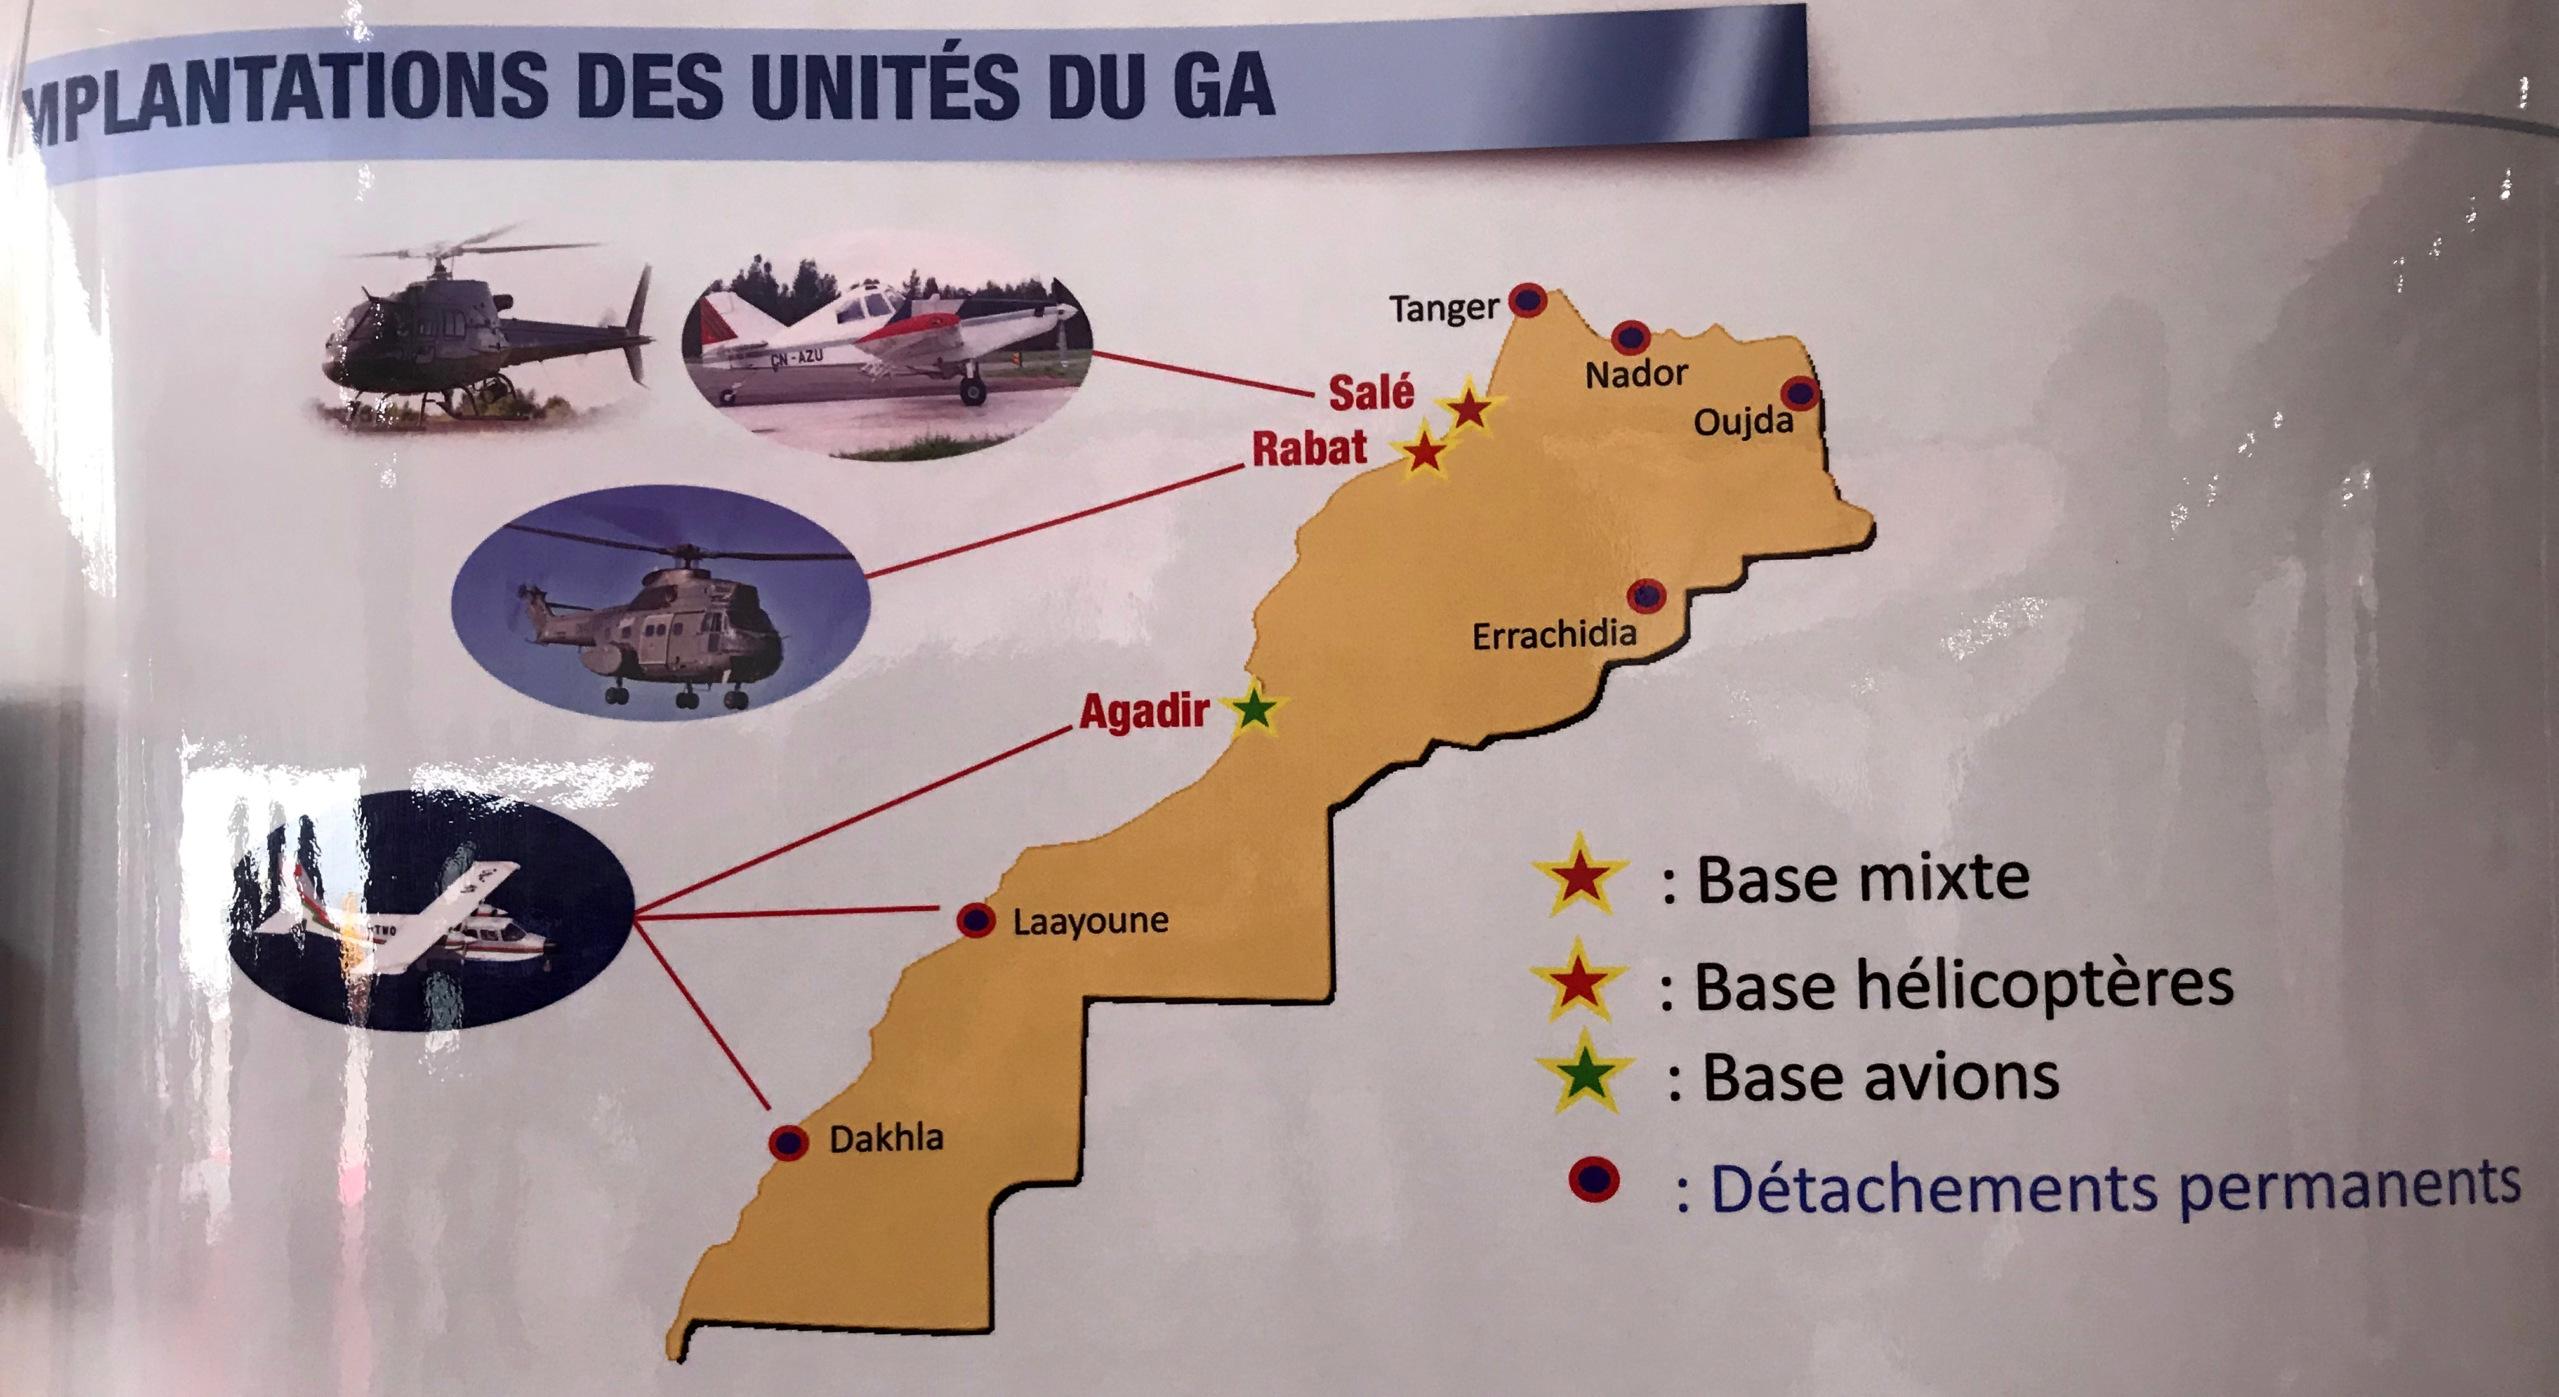 Groupement Aérien de la Gendarmerie Royale. (GAGR) - Page 3 Clipb140